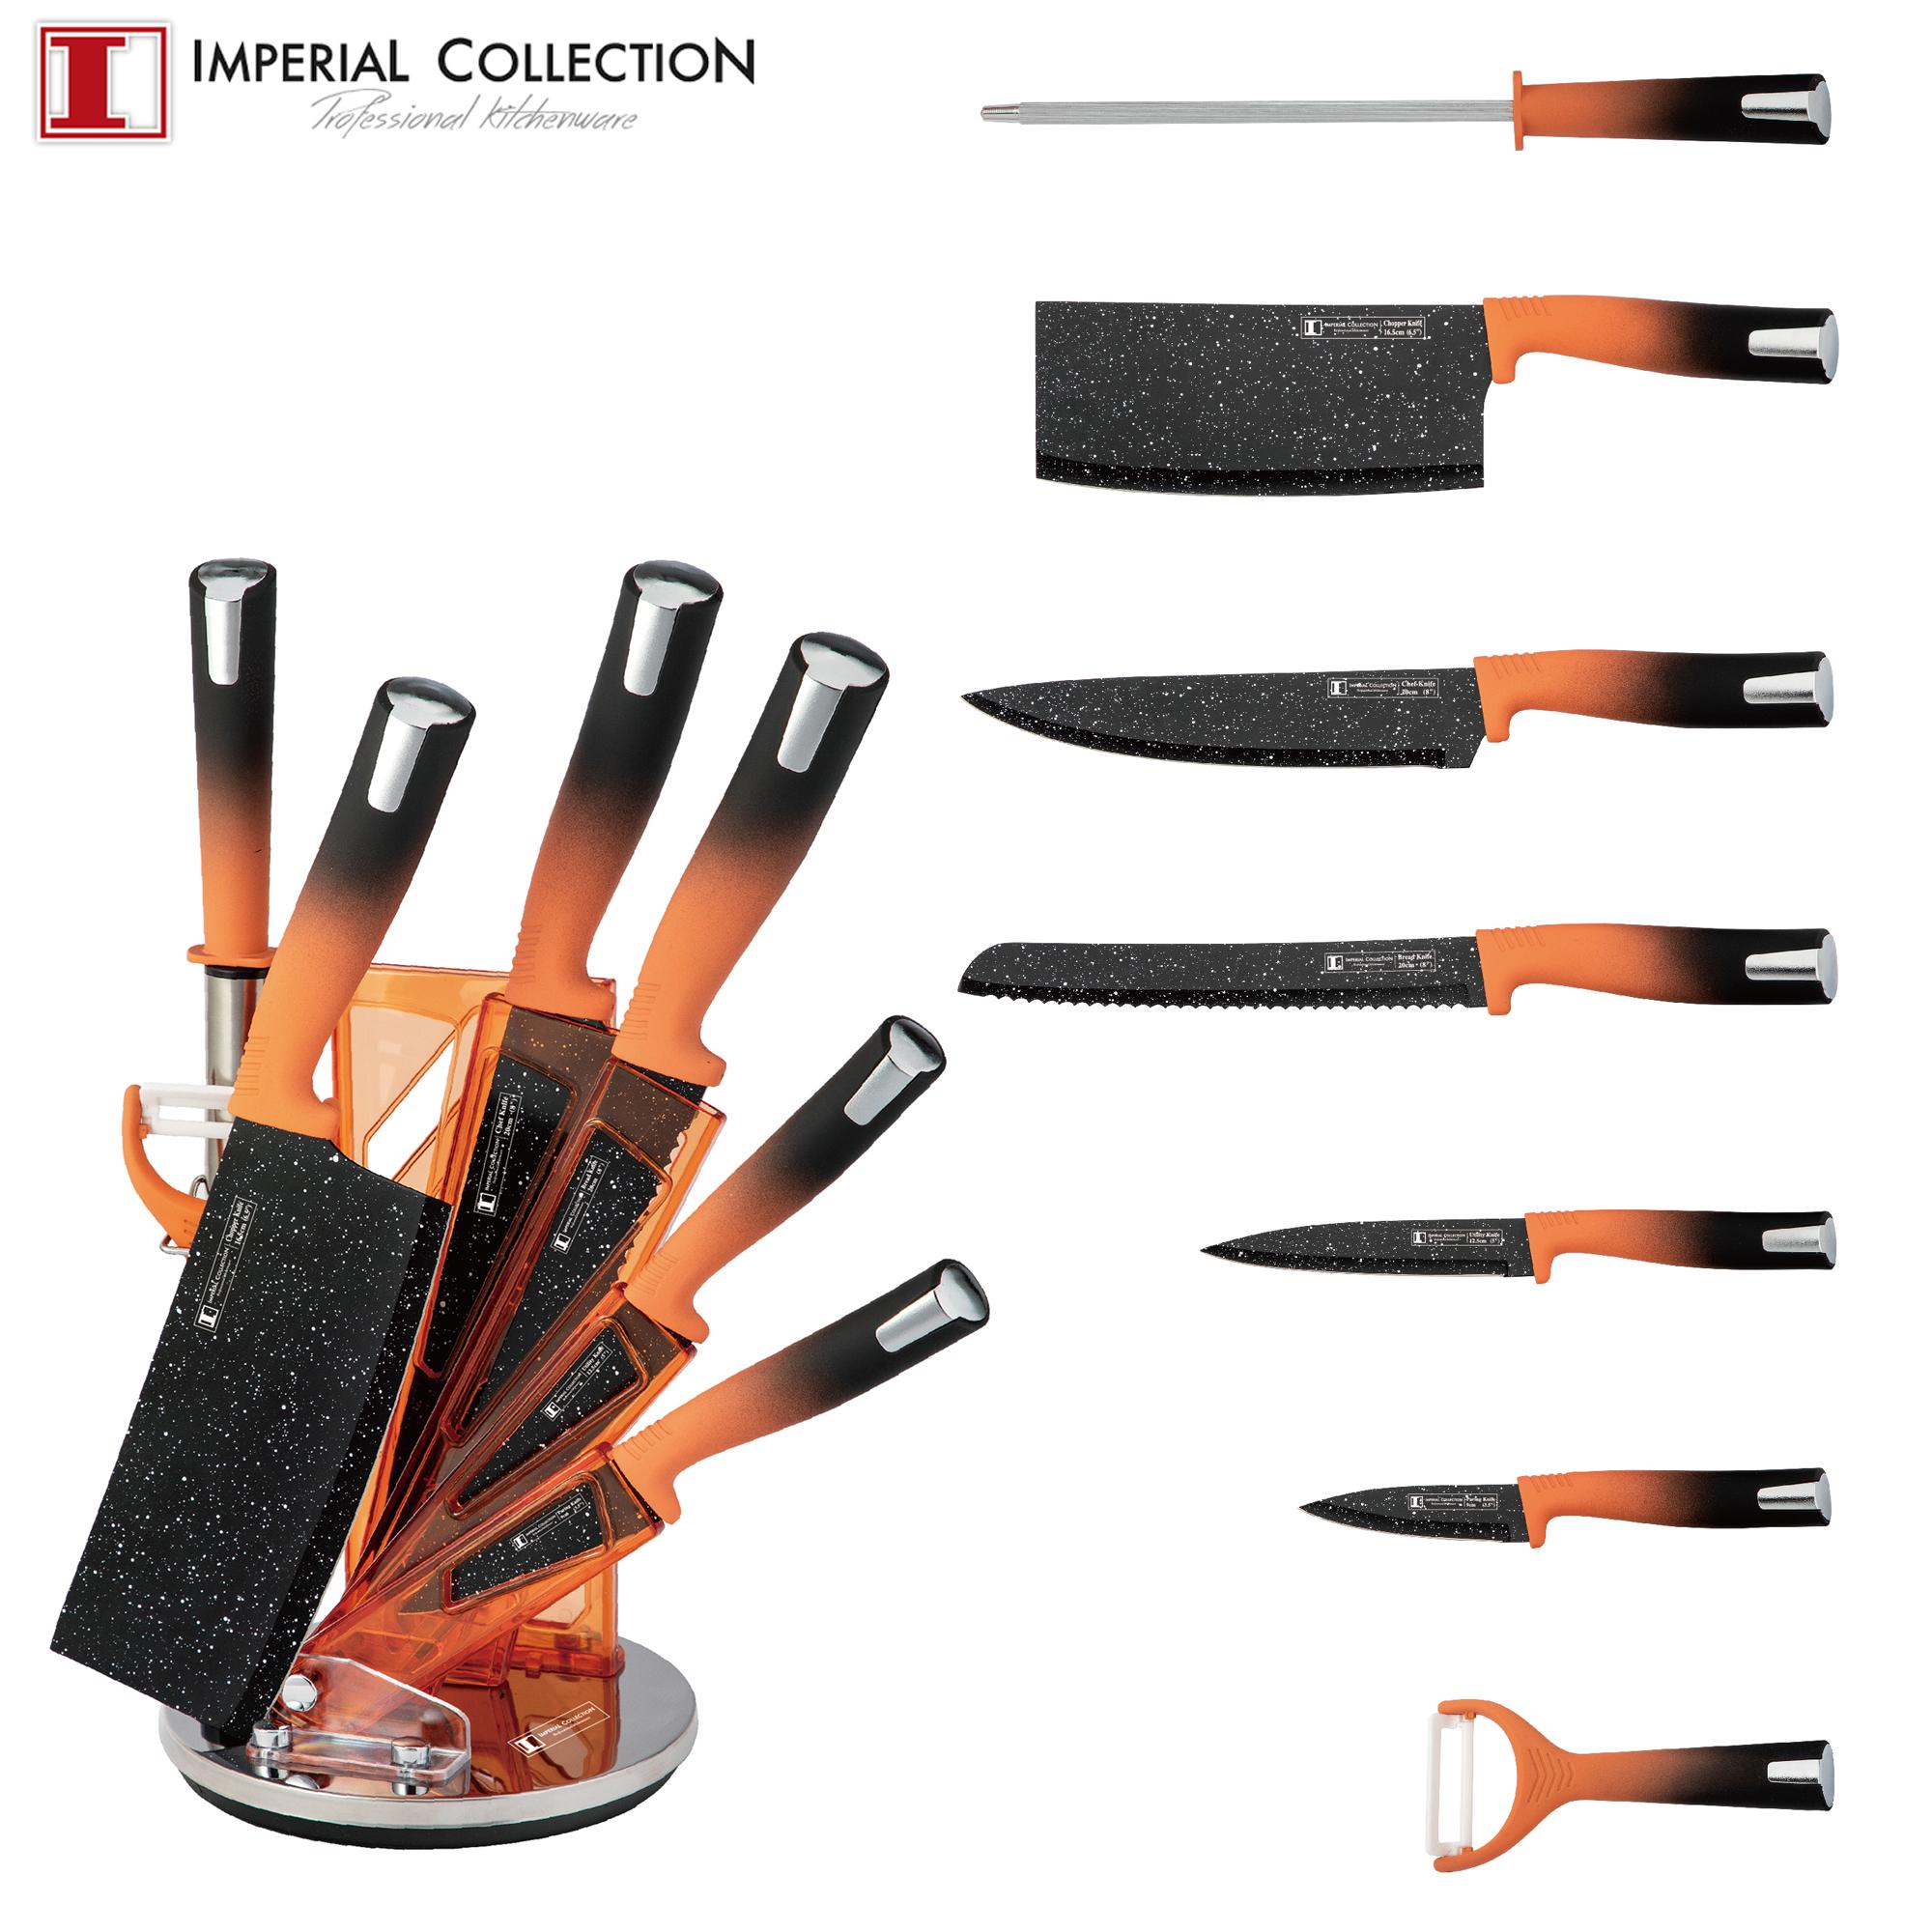 Imperial Collection IM-SL8: Ensemble de 8 Couteaux Avec Support Orange